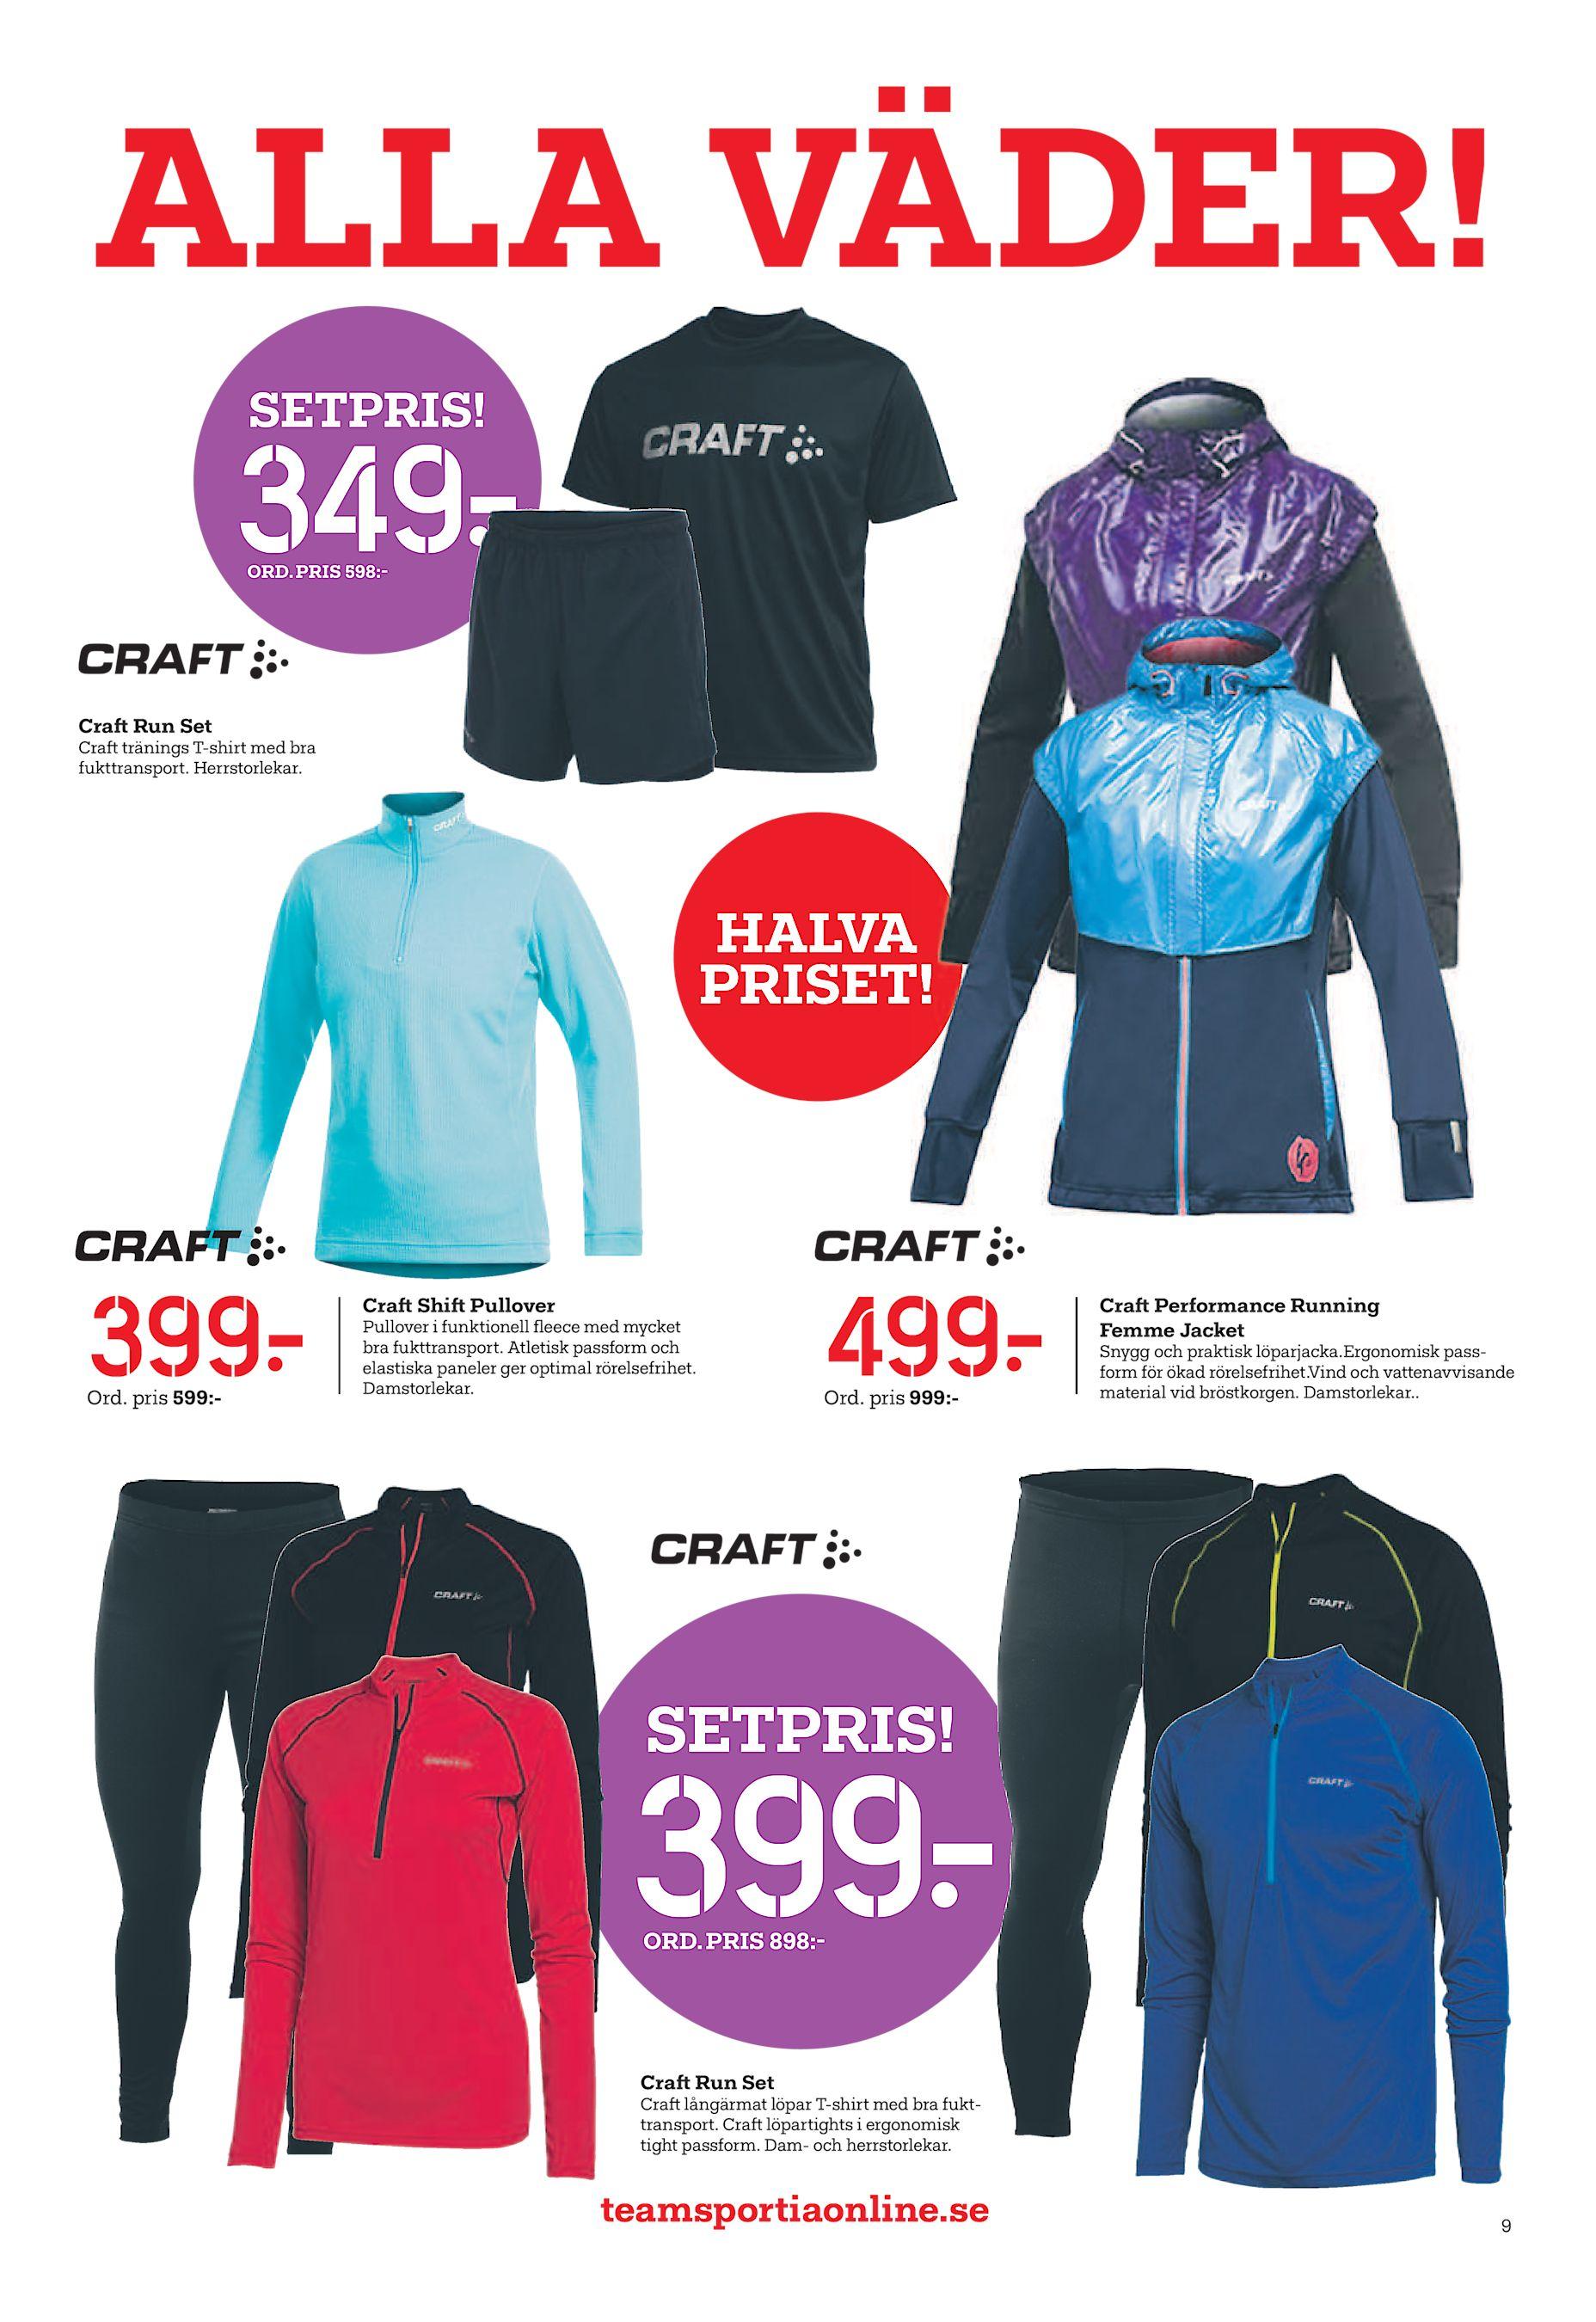 PRIS 598 - Crat Run Set Crat tränings T-shirt med bra fukttransport.  Herrstorlekar. HALVA PRISET! 399  Ord. pris 599 - Crat Shit Pullover  Pullover i ... fe55cde93b1bf